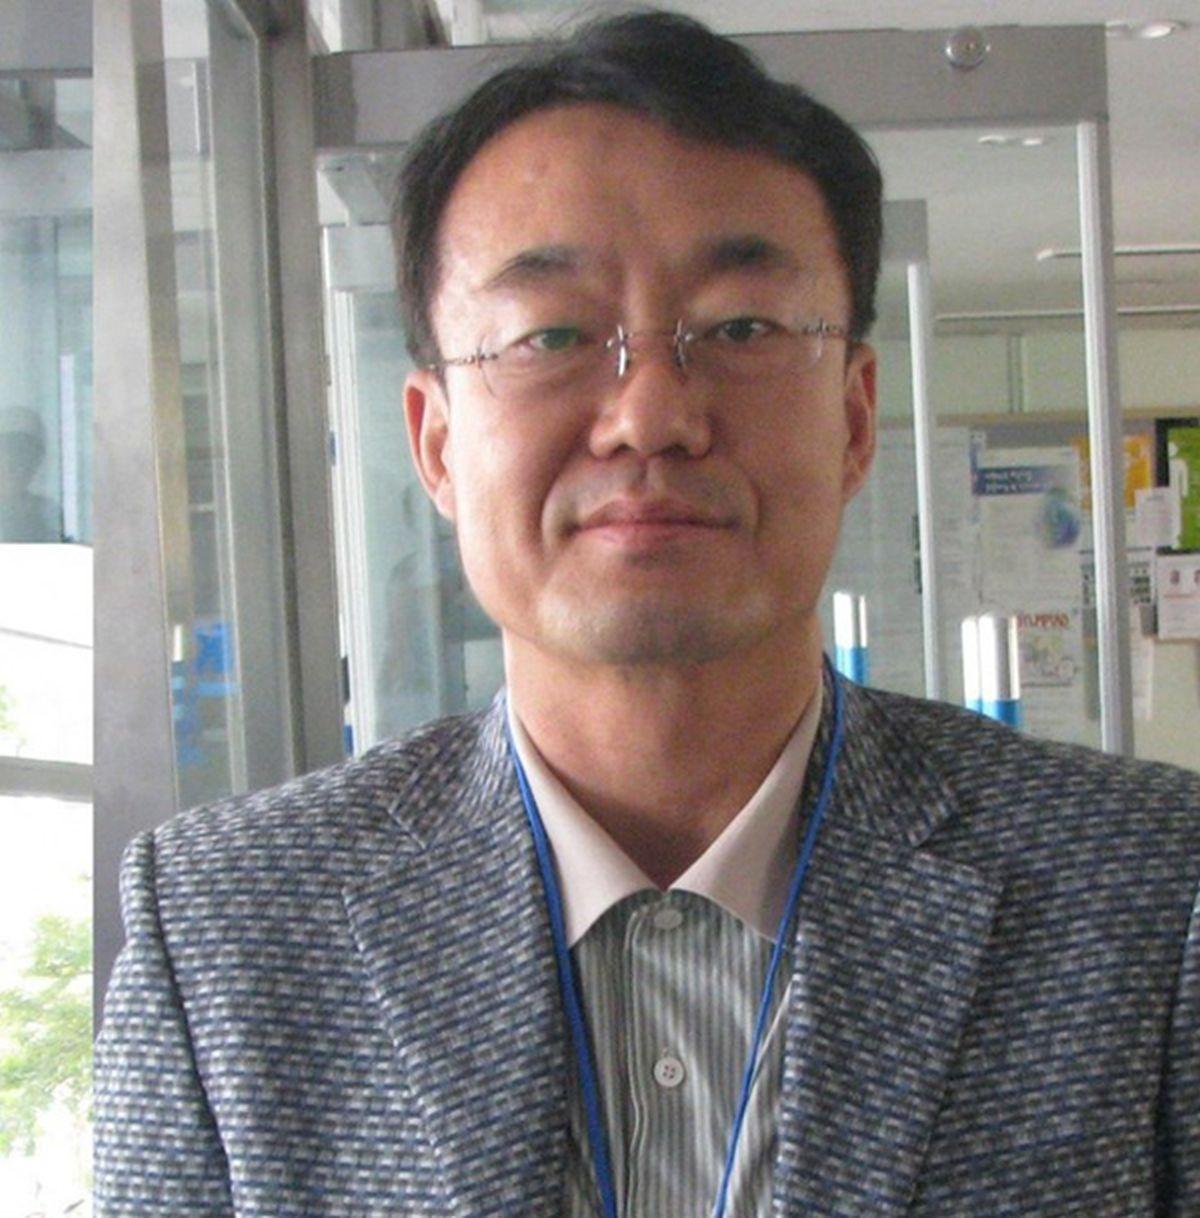 Ông Kim Ung - Yong, người có chỉ số IQ cao nhất từng được ghi nhận